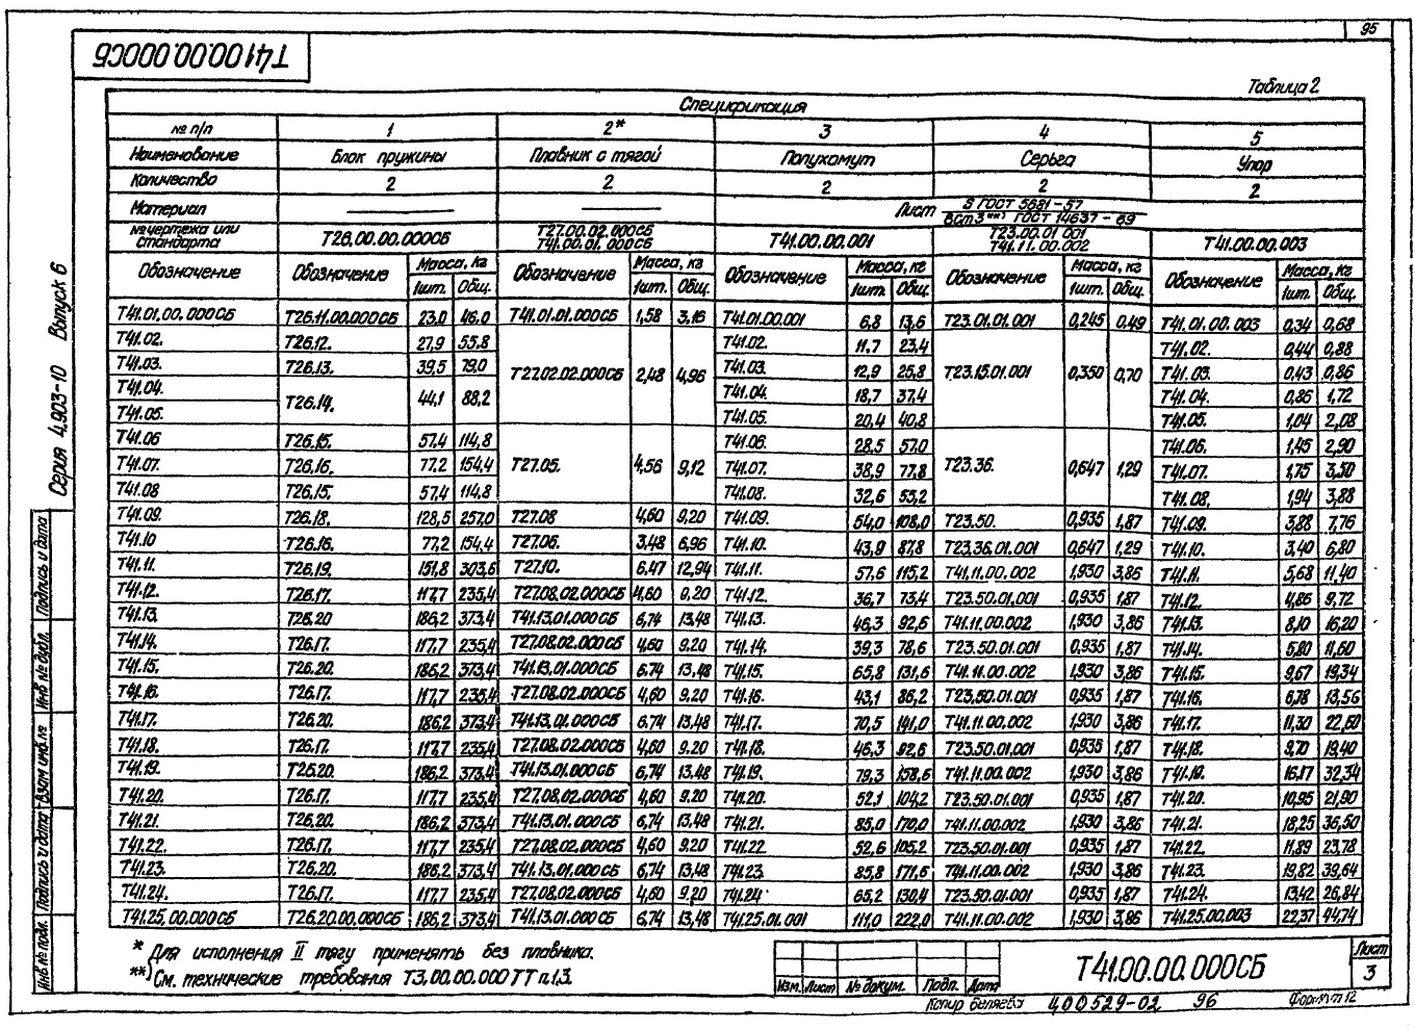 Опора подвесная пружинная Т41 с.4.903-10 вып.6 стр.3